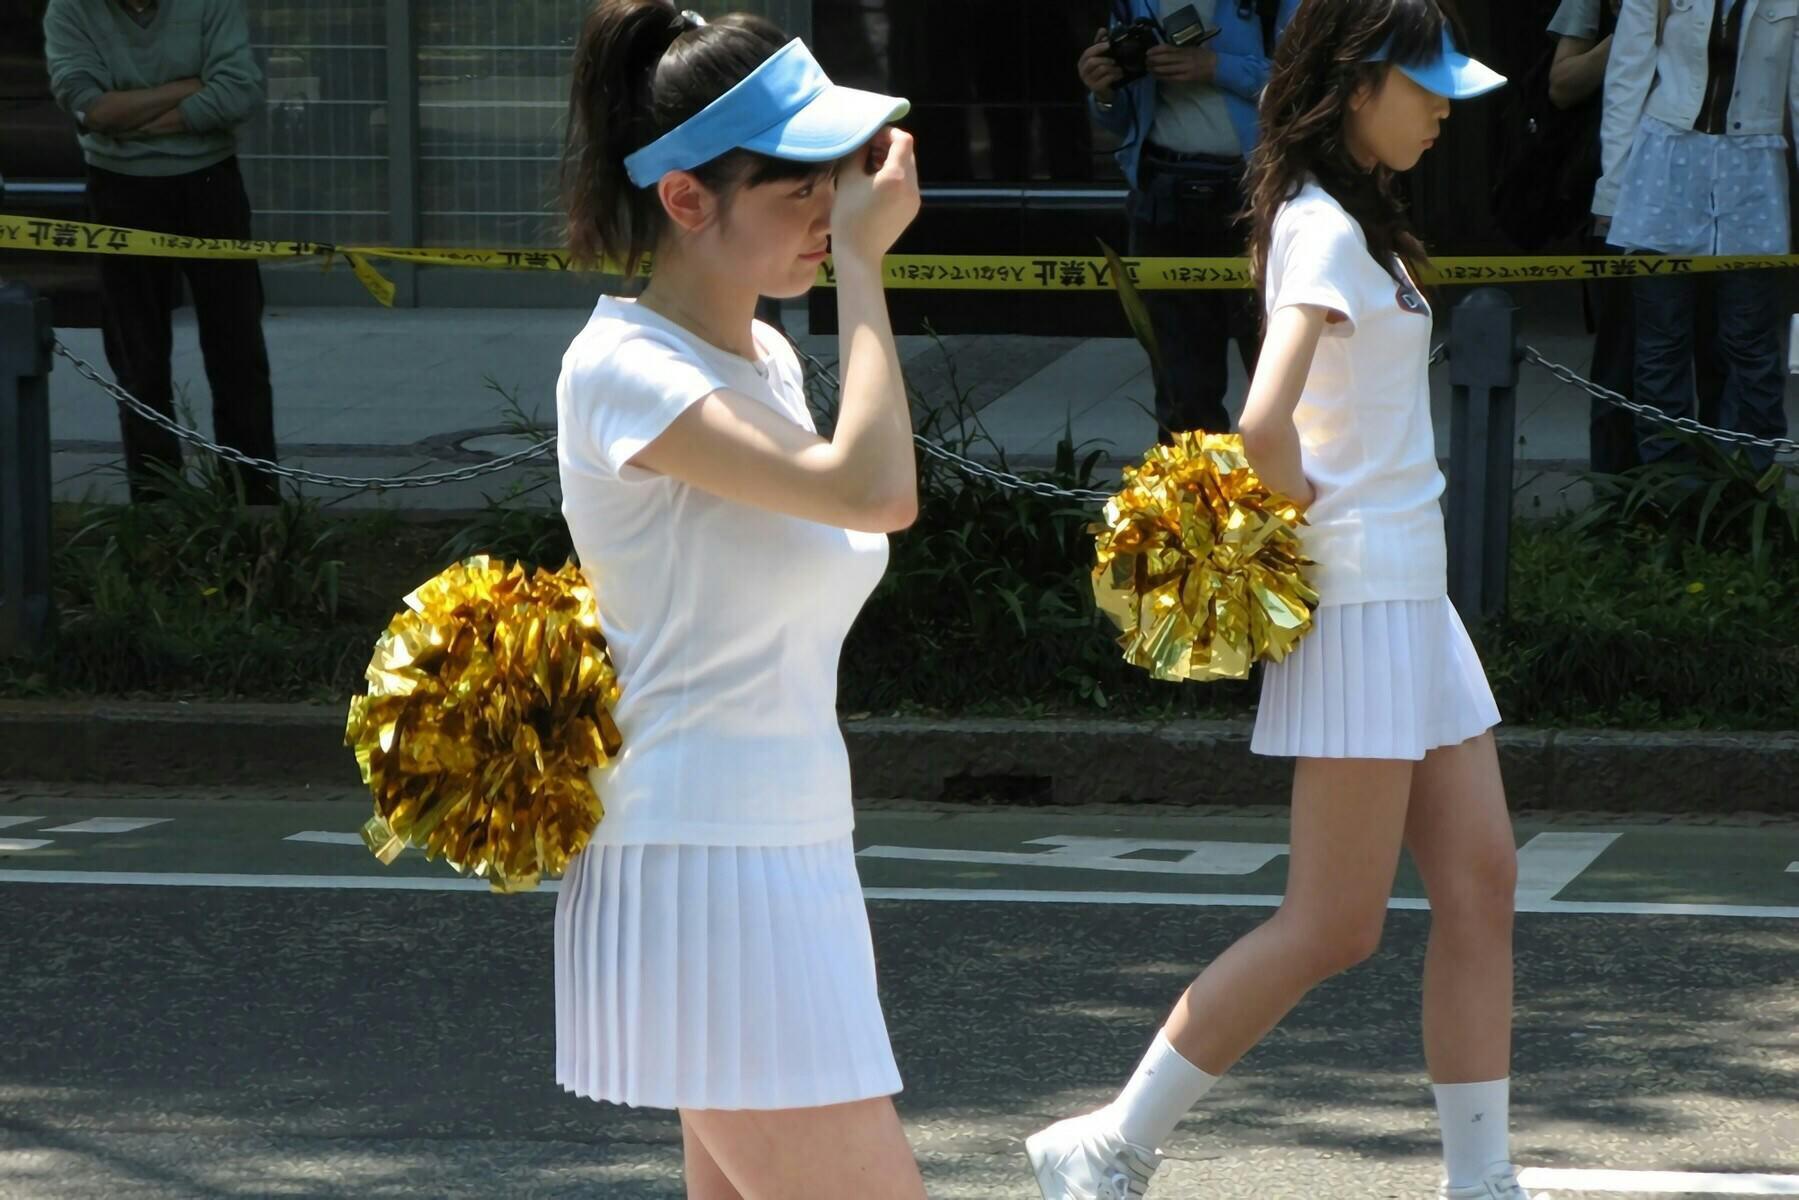 スポーツする女の子のクッソエロい画像をくださいwwwwww WvyDjxX